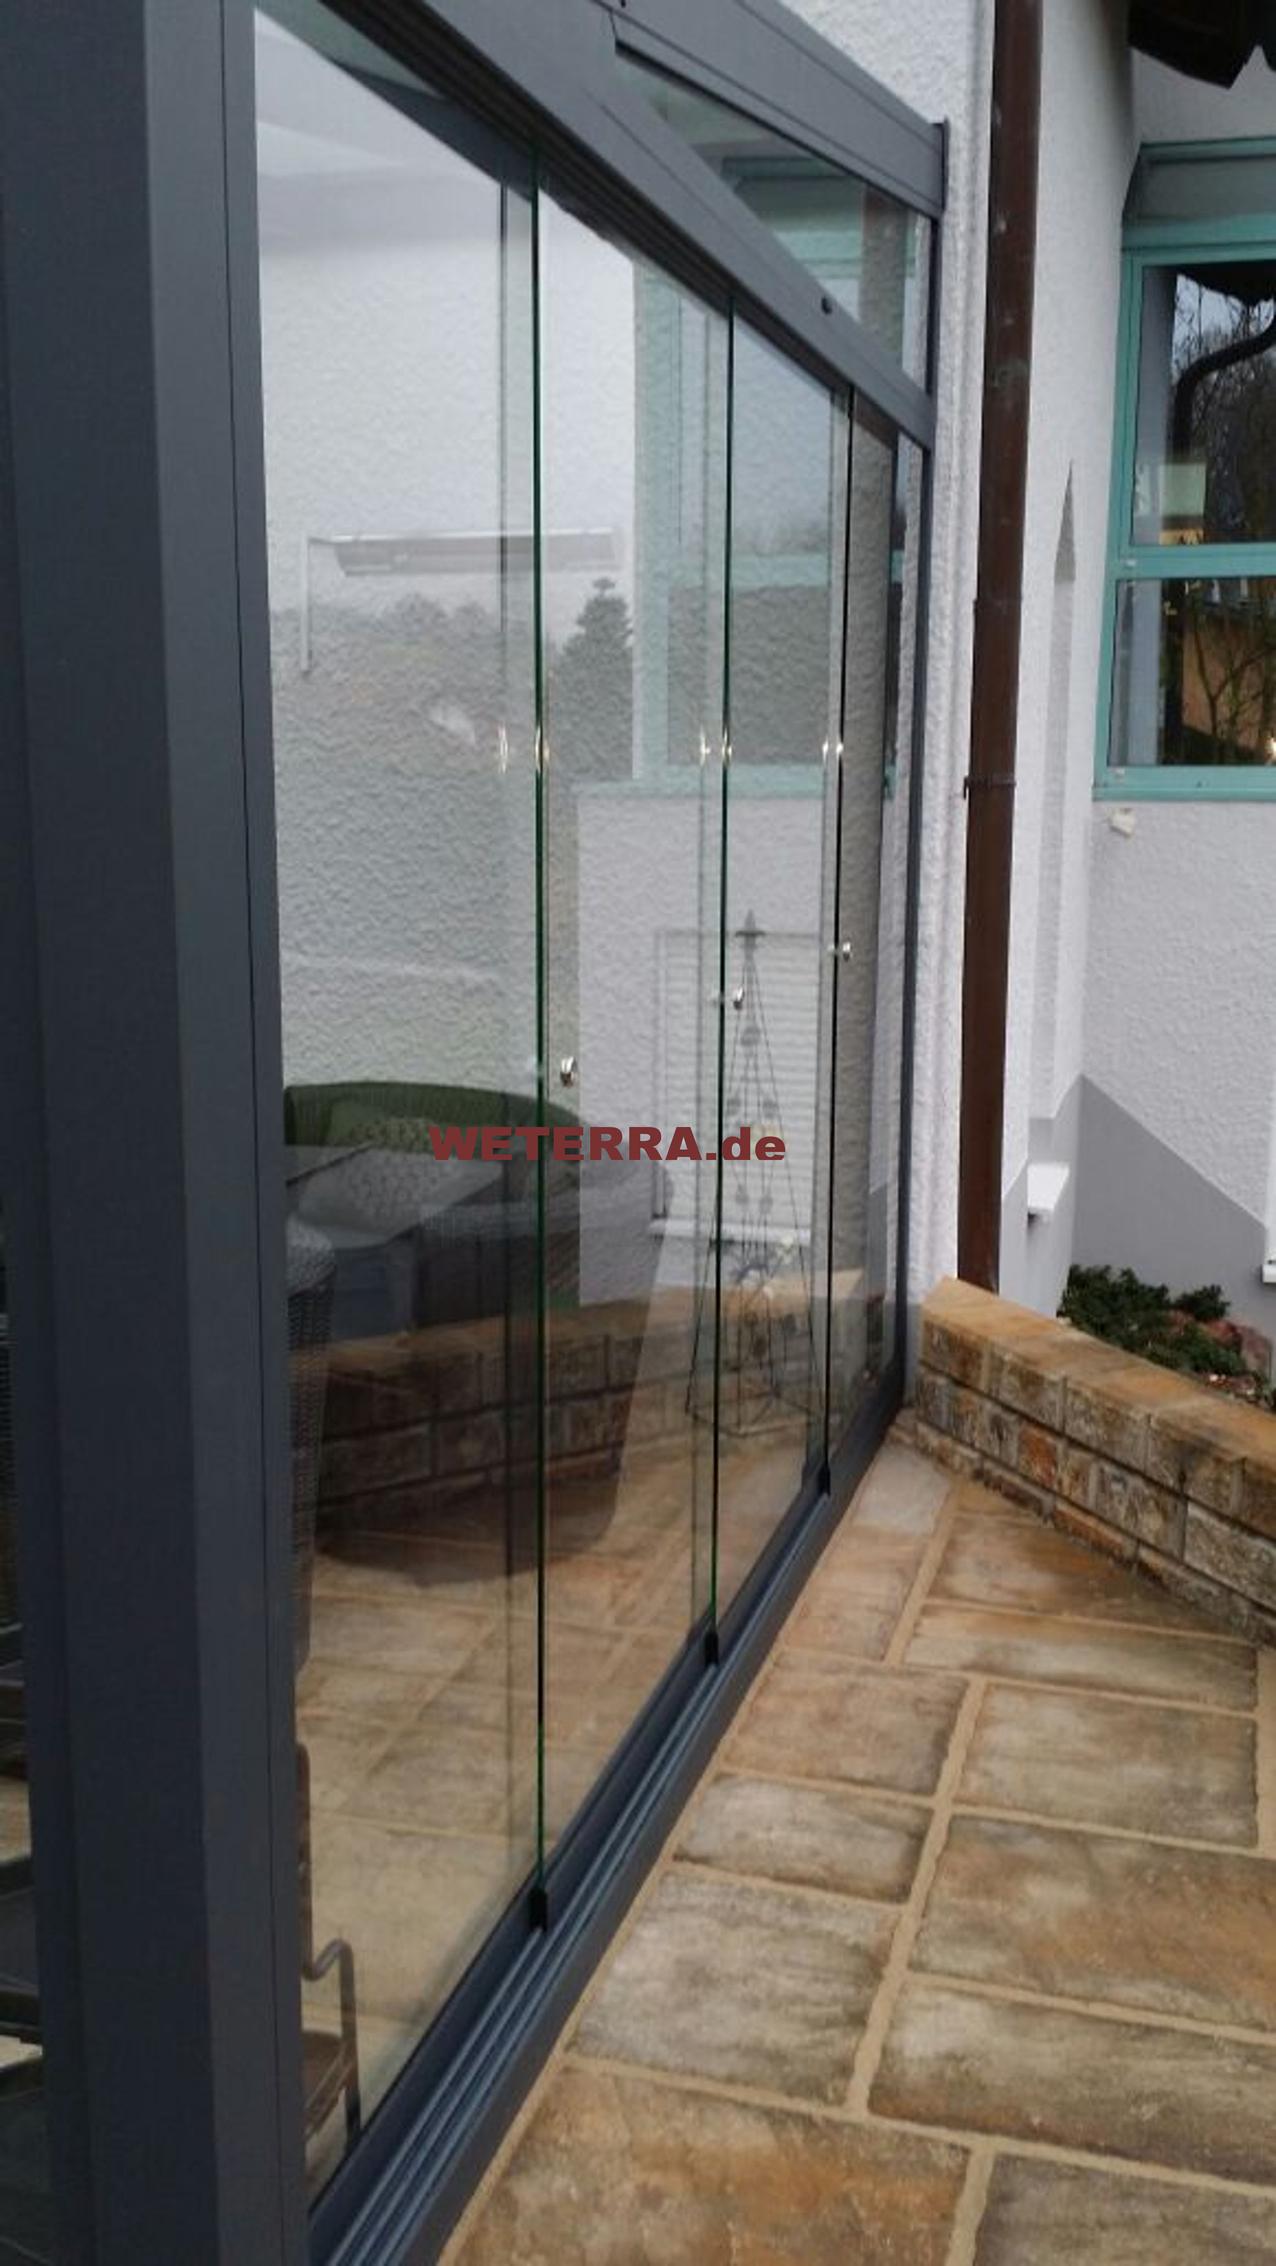 Sommergarten Vsg Glas Eindeckung Aschaffenburg Weterra